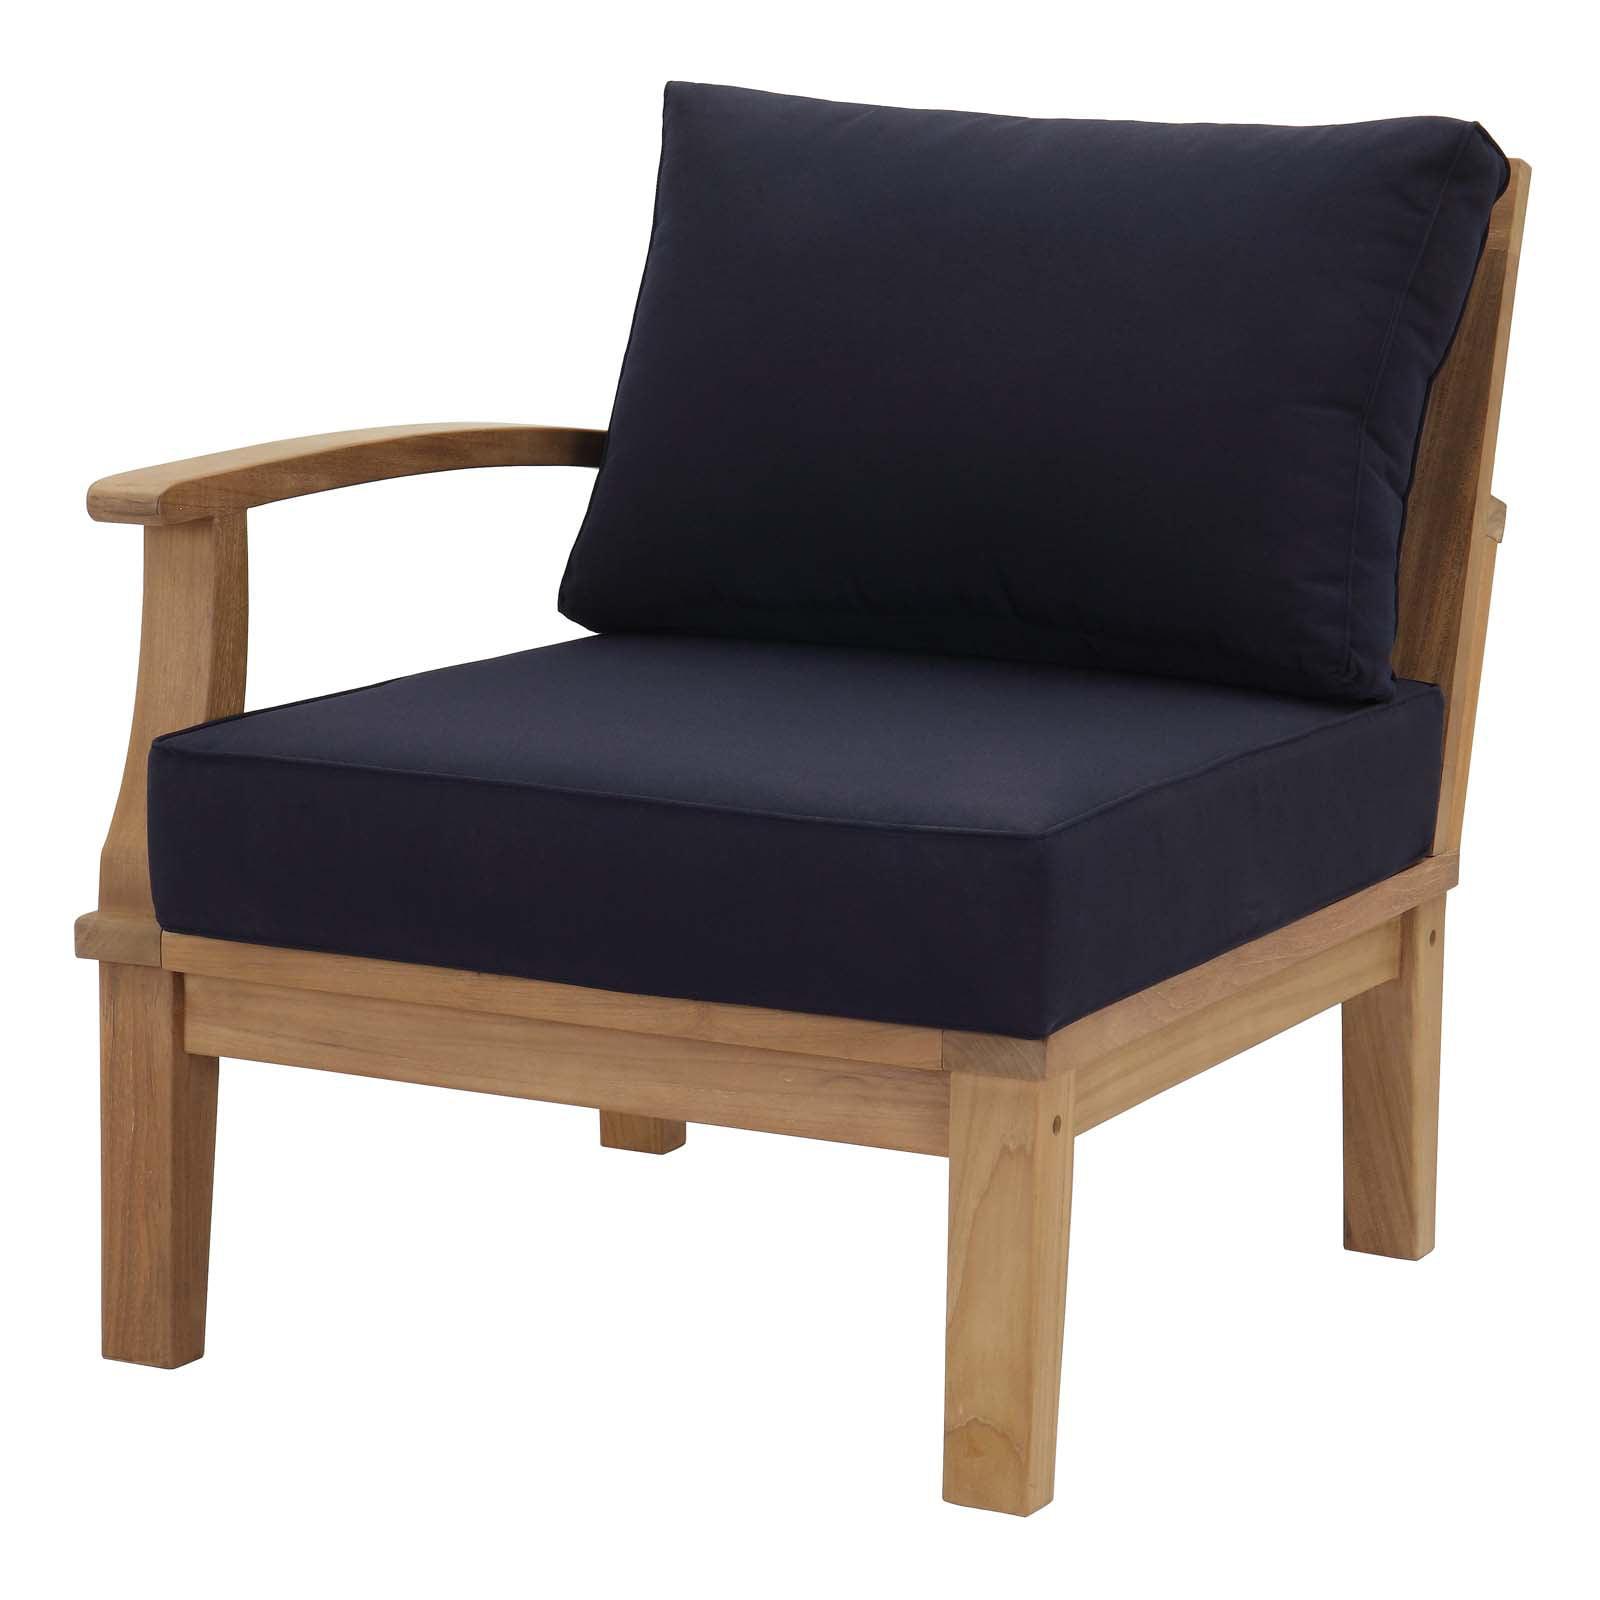 Modern Contemporary Urban Design Outdoor Patio Balcony Garden Furniture Sofa End Chair, Wood, Navy Blue